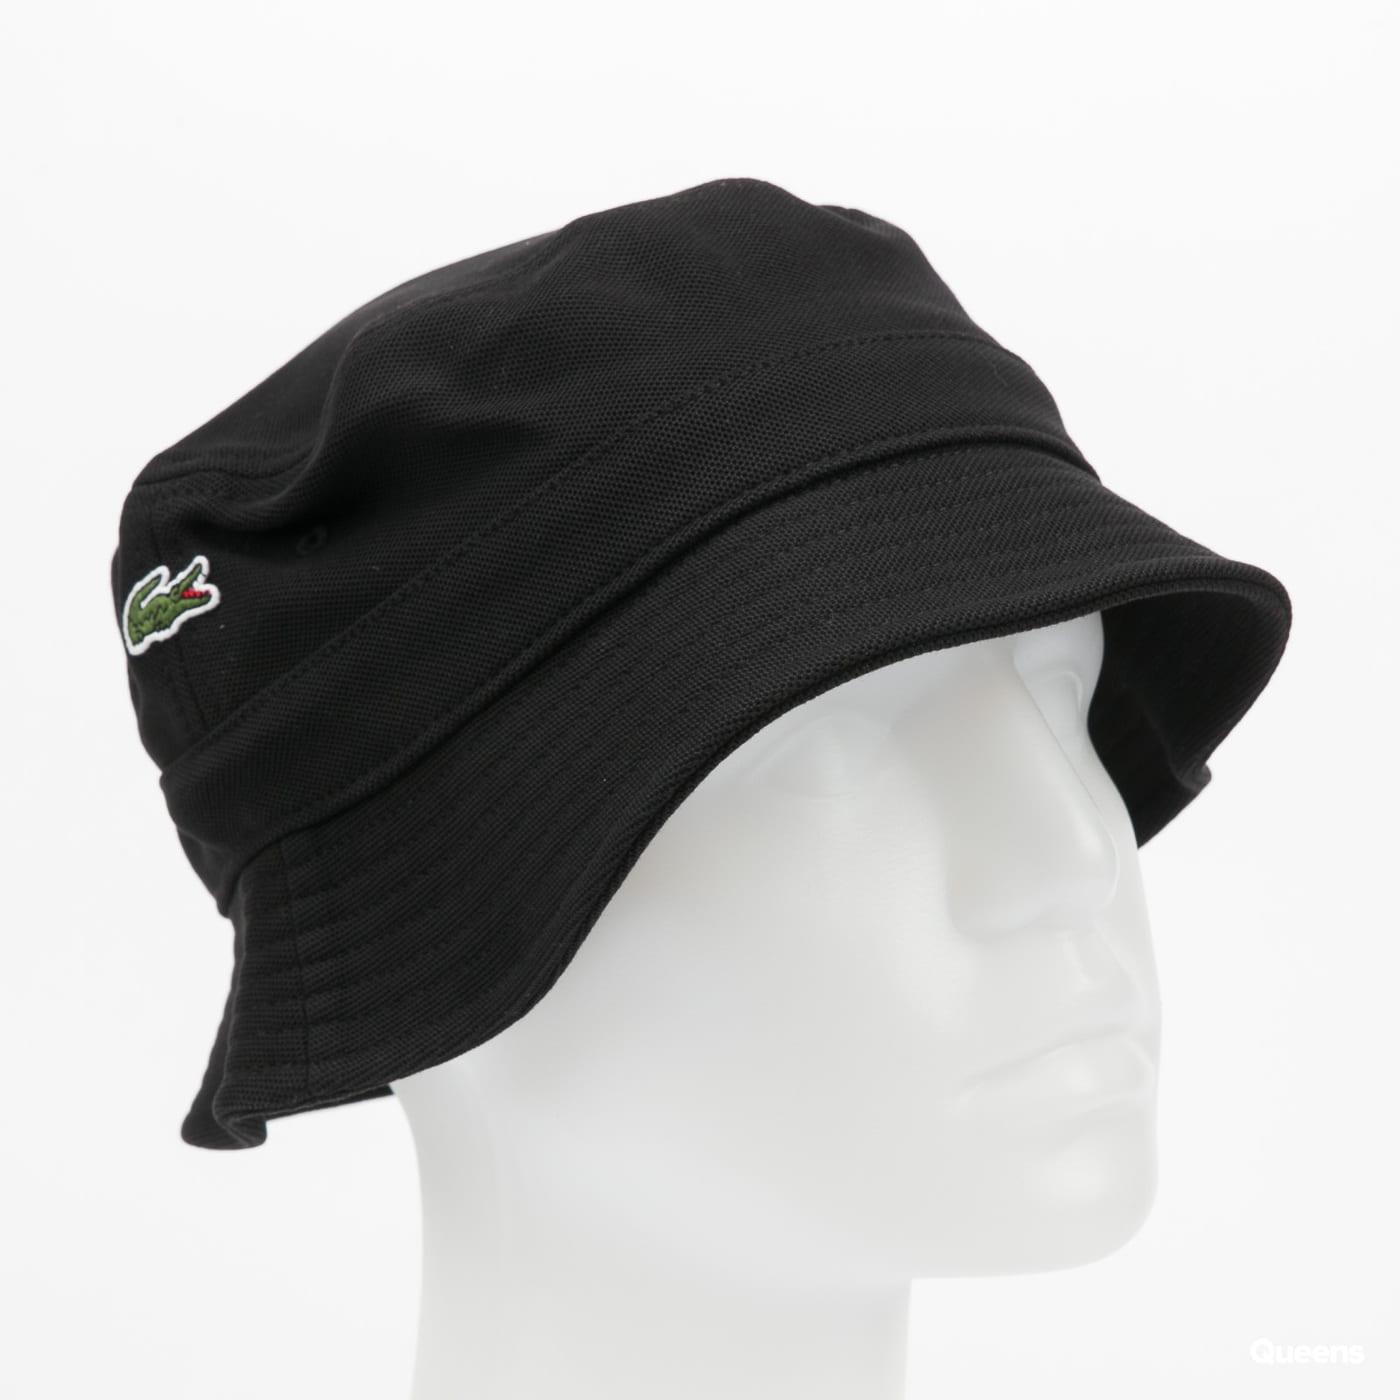 LACOSTE Men's Unisex Bucket Hat černý